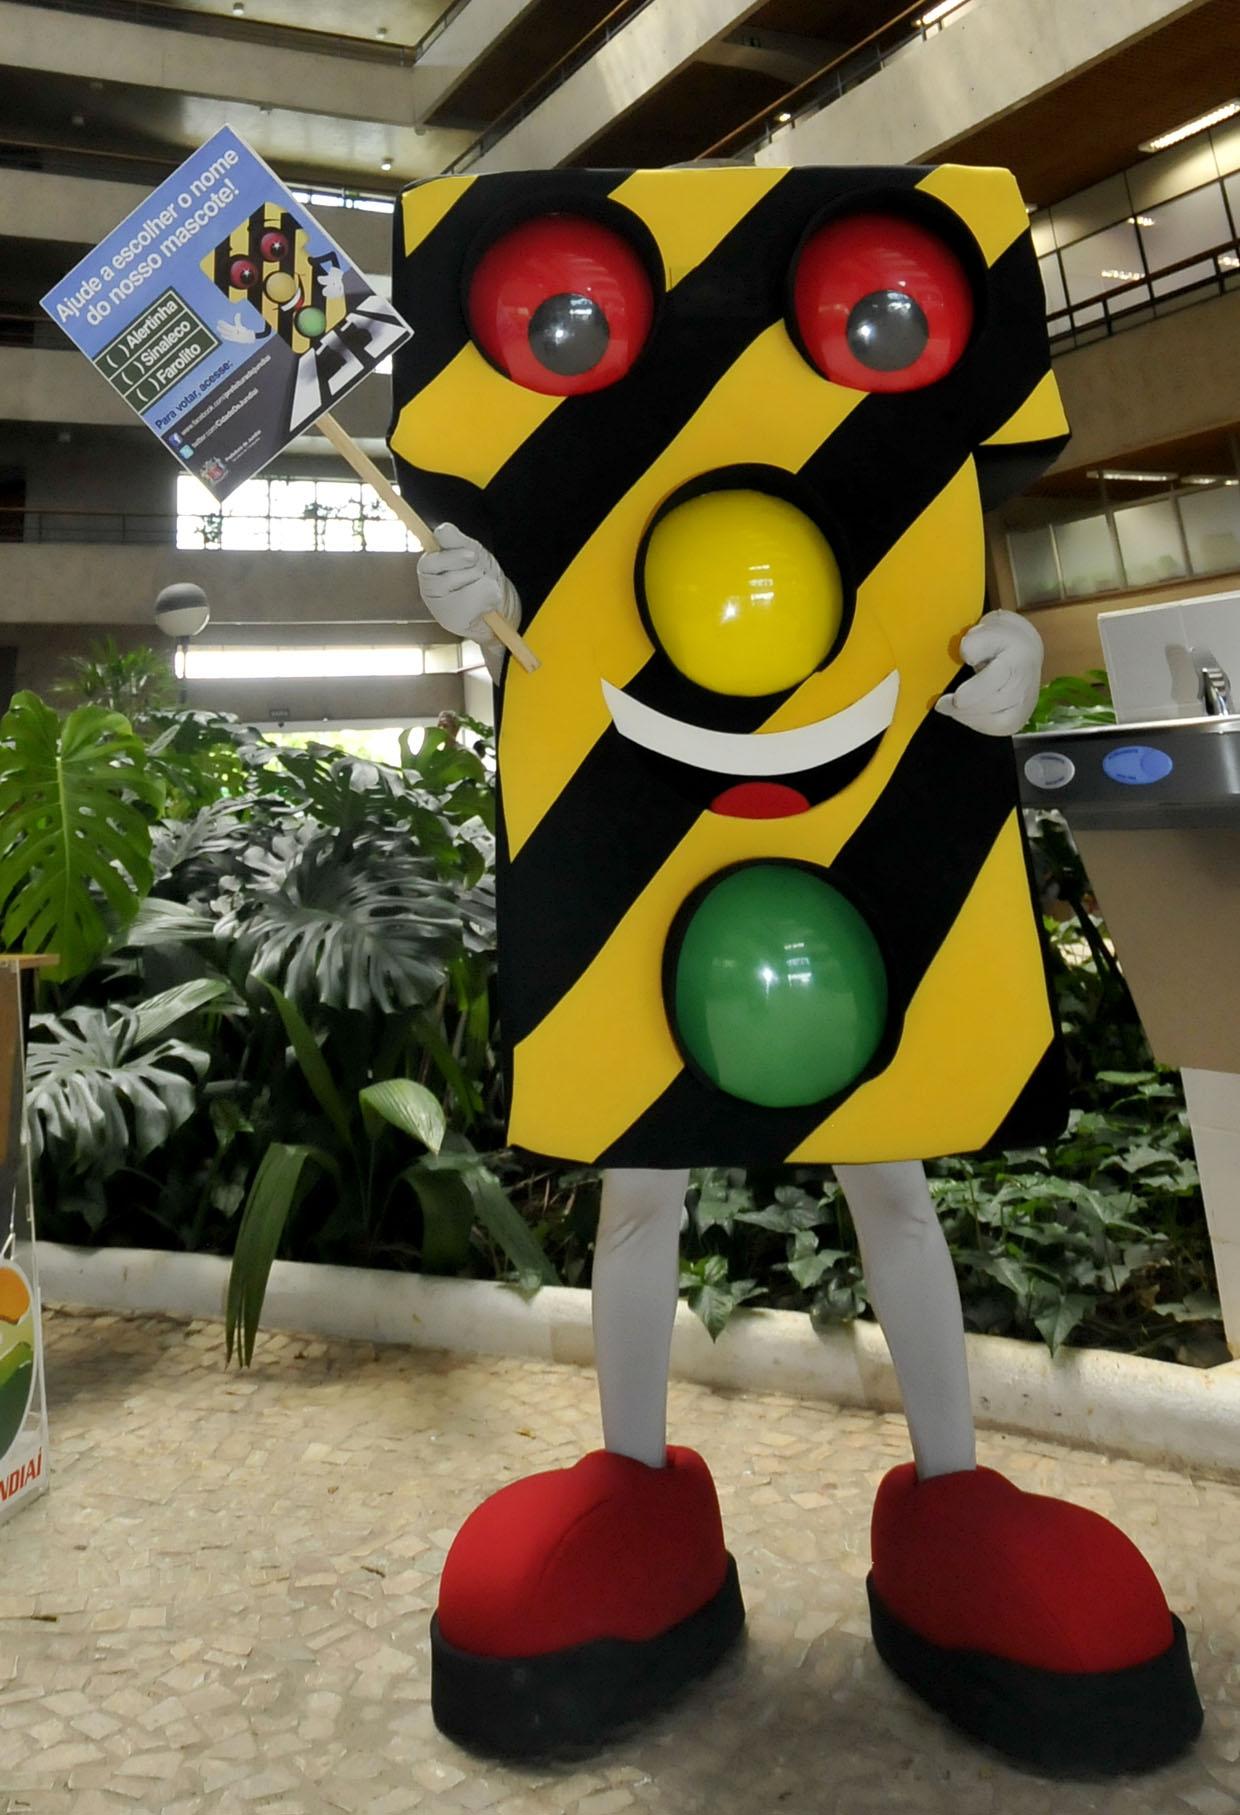 O mascote é o primeiro personagem da campanha de conscientização no trânsito